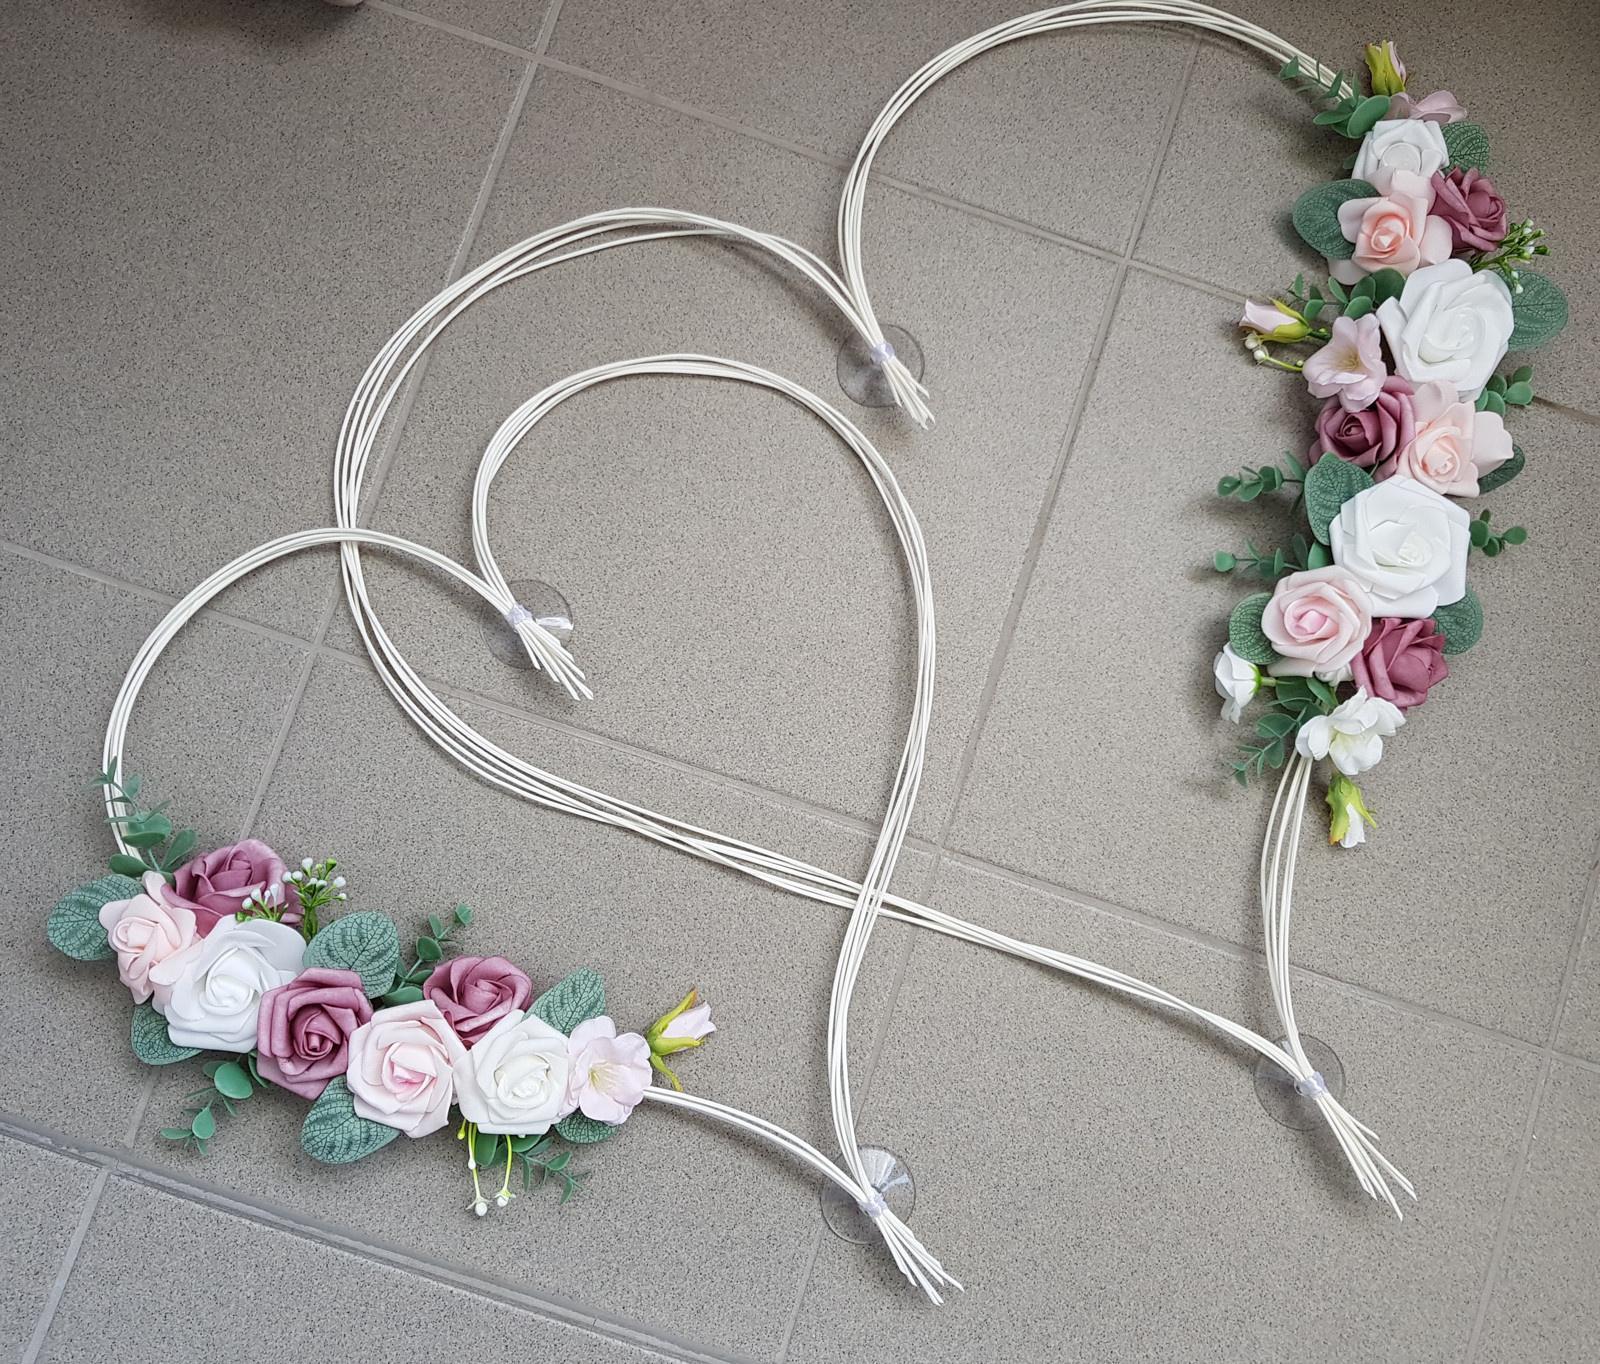 Srdce na kapotu bílá, růžová a starorůžová - Obrázek č. 1